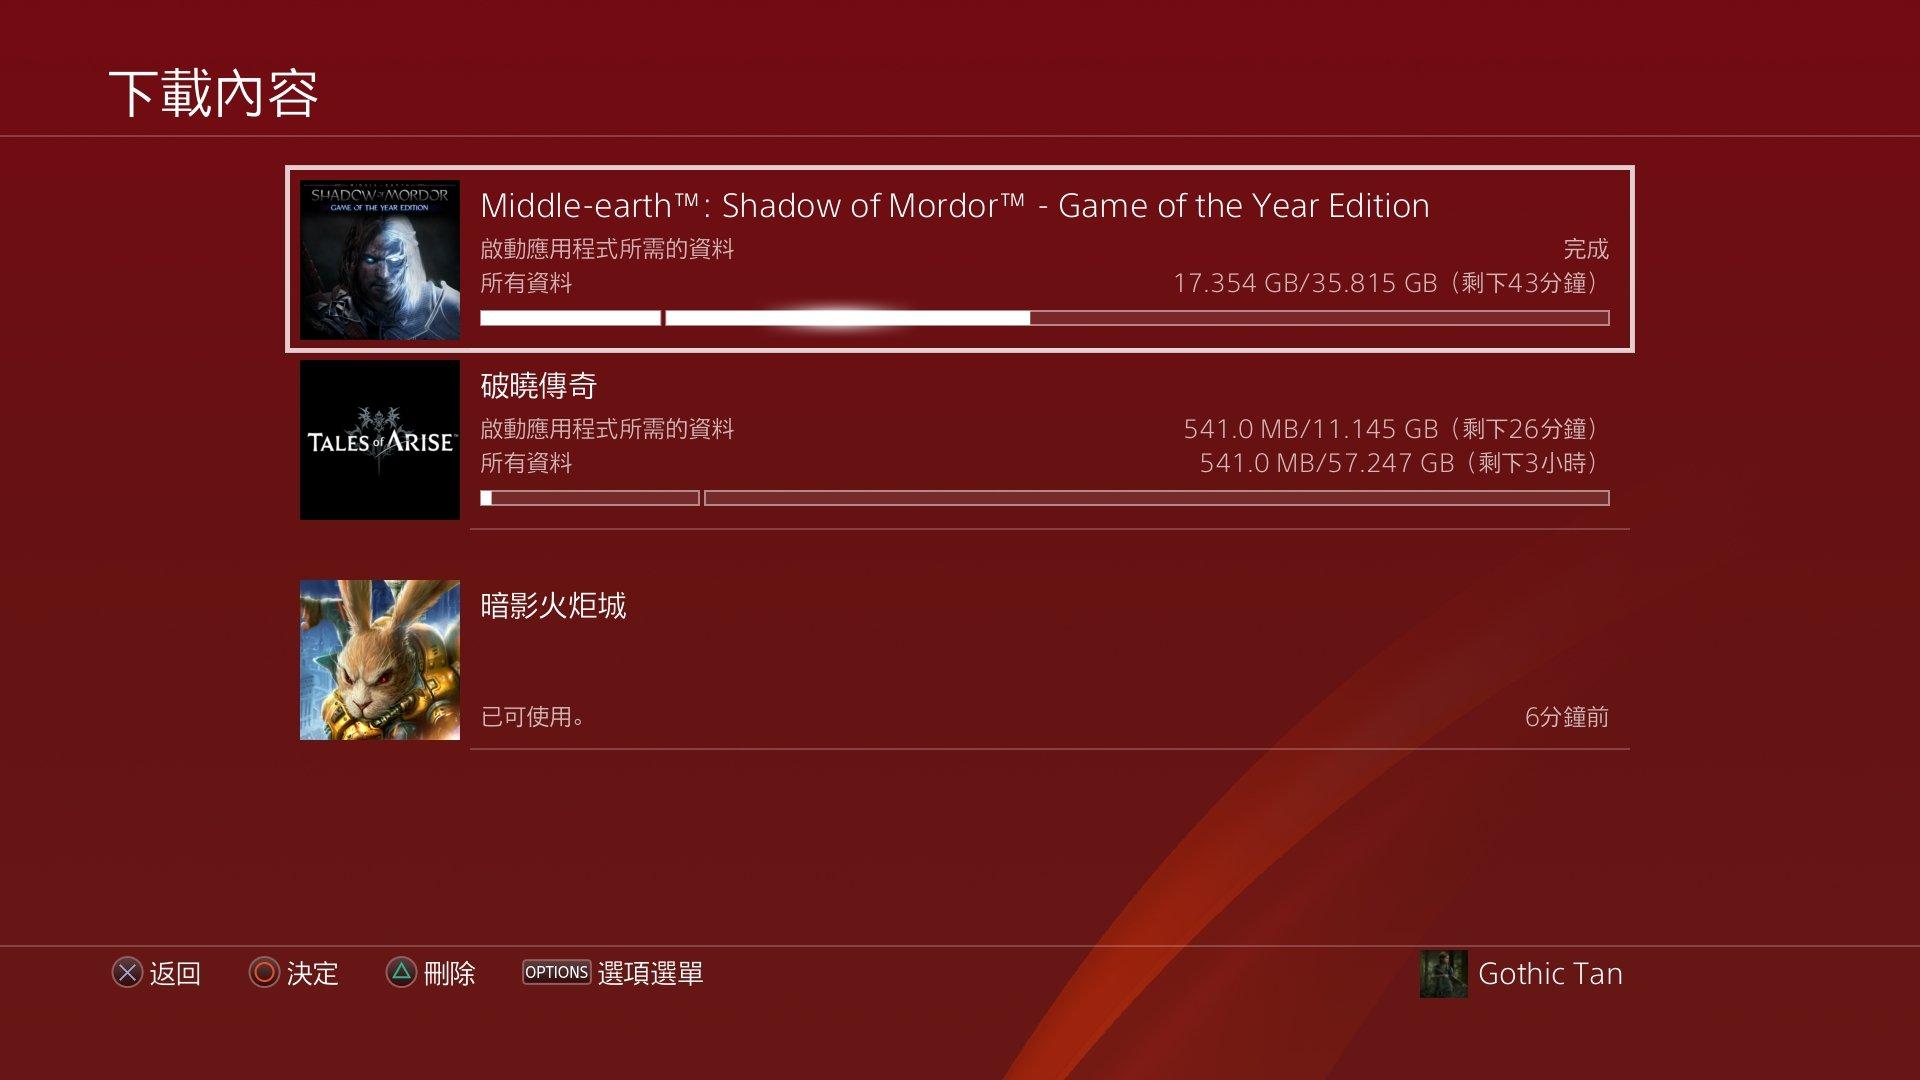 《破晓传说》亚洲版PS4版比PS5版容量大20GB